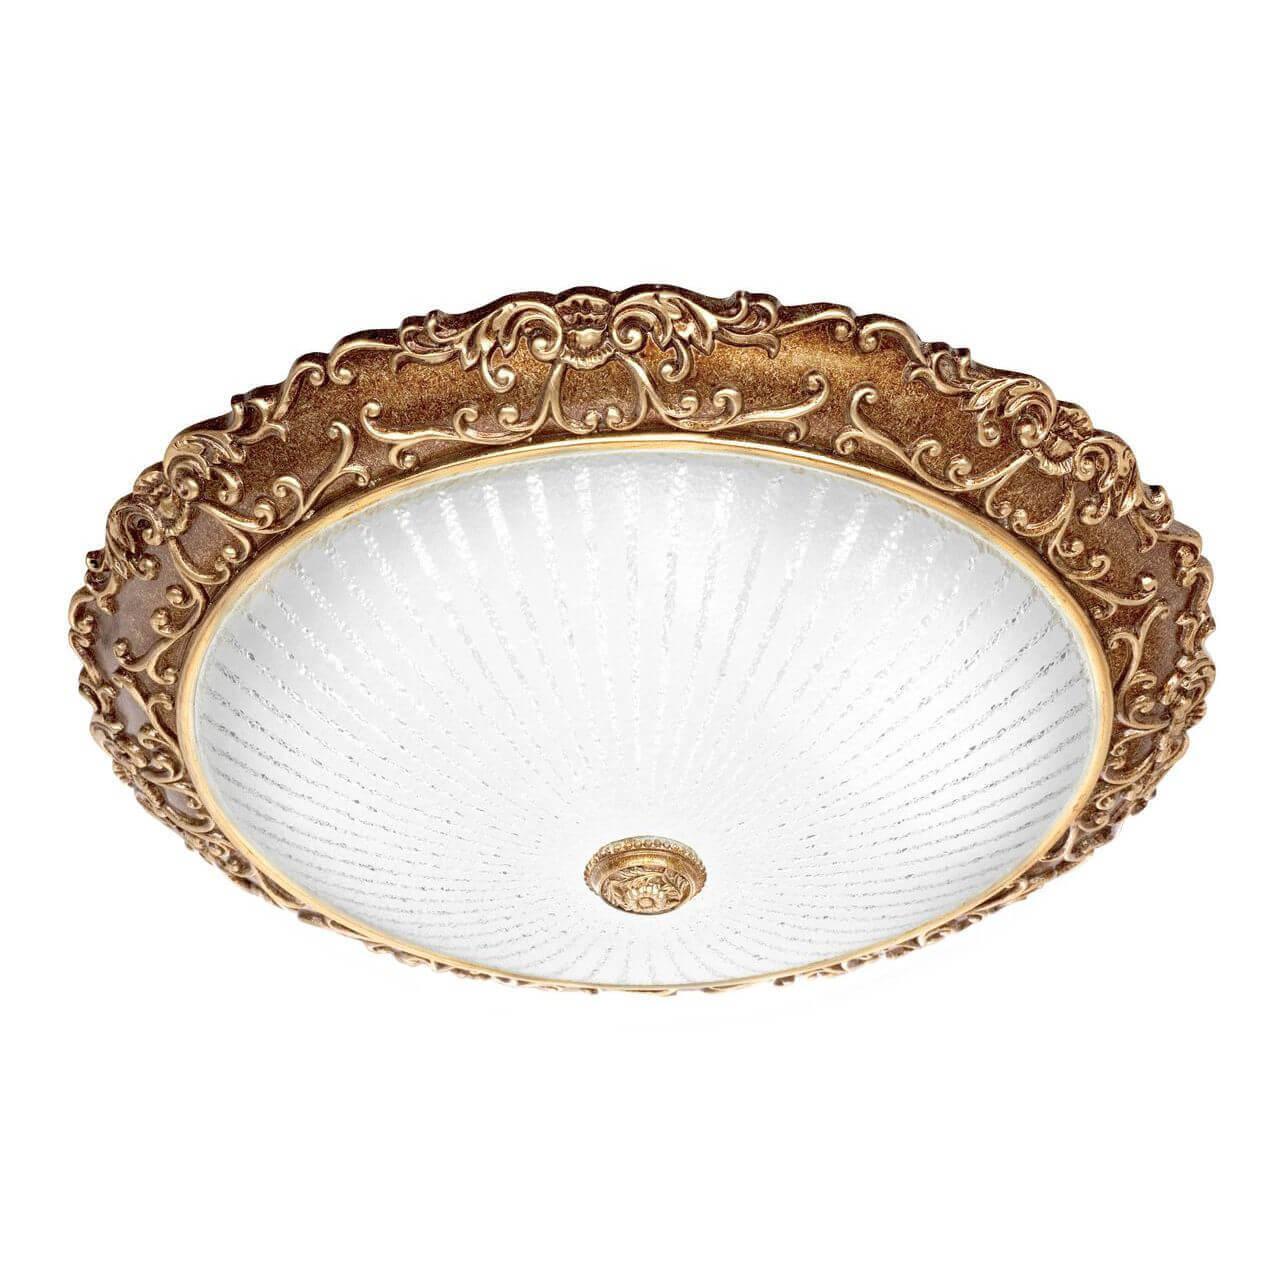 Светильник Silver Light 842.49.7 Louvre Bronze настенный светодиодный светильник silver light louvre 844 36 7